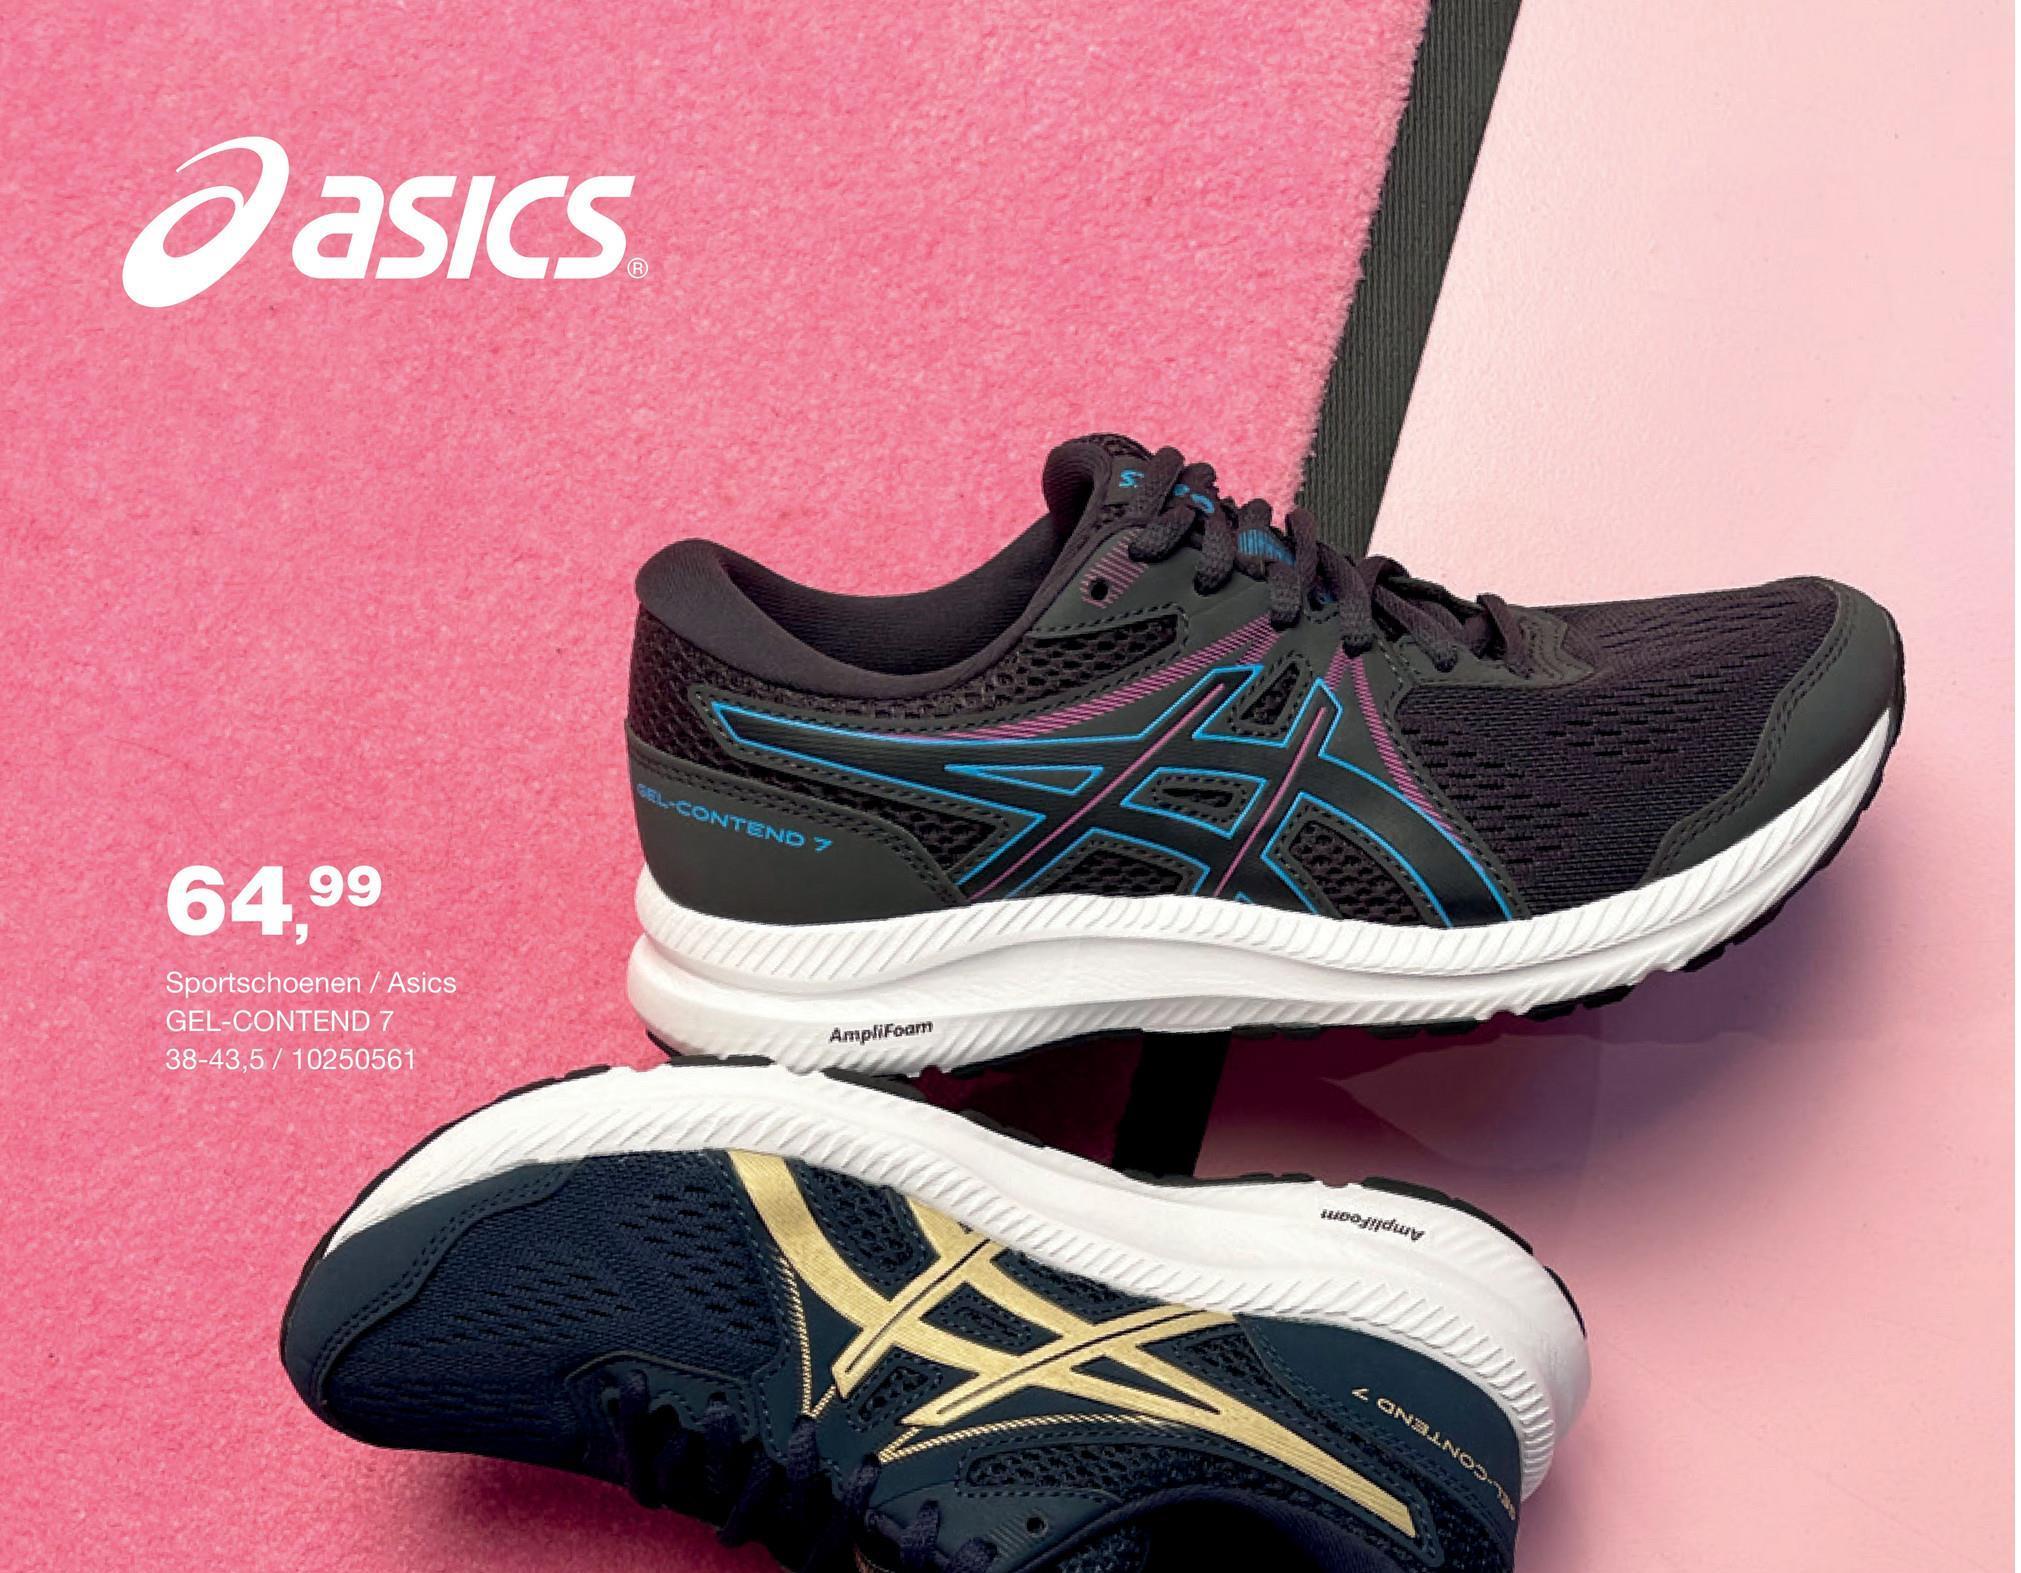 Loopschoen Gel Contend 7 Asics - Donkerblauw - maat 41,5 - Dames   - Goedkope Sportschoenen - Running - Synthetisch Nog op zoek naar een comfortabele en kwalitatieve loopschoen voor vrouwen? Kies dan zeker voor deze Gel Contend 7 met veters van het merk Asics.